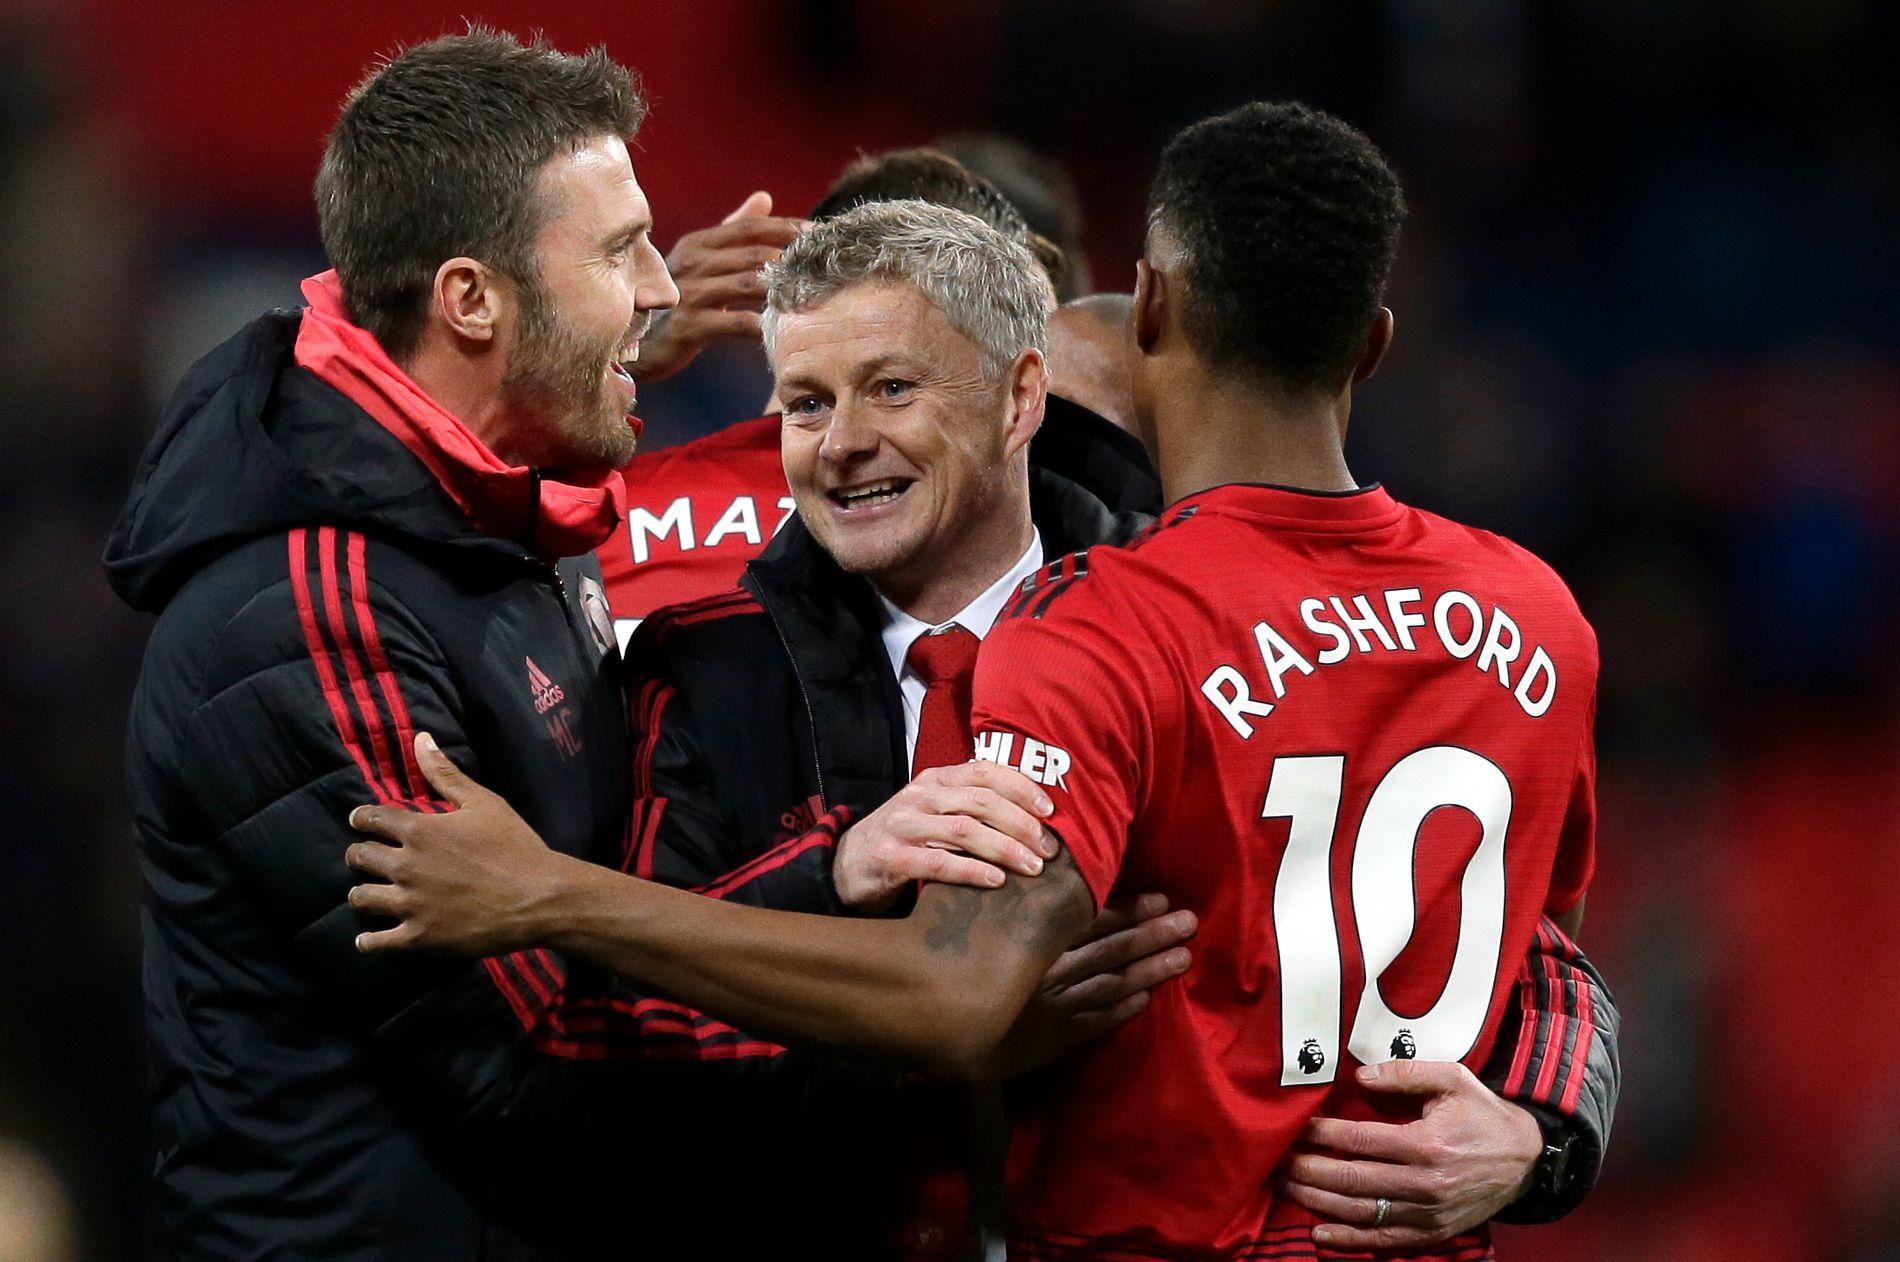 Fem scoringer har det blitt de siste seks kampene, og Solskjær har sagt at Rashfords talent ikke skyr unna sammenligning med klubblegender som Wayne Rooney og Cristiano Ronaldo.